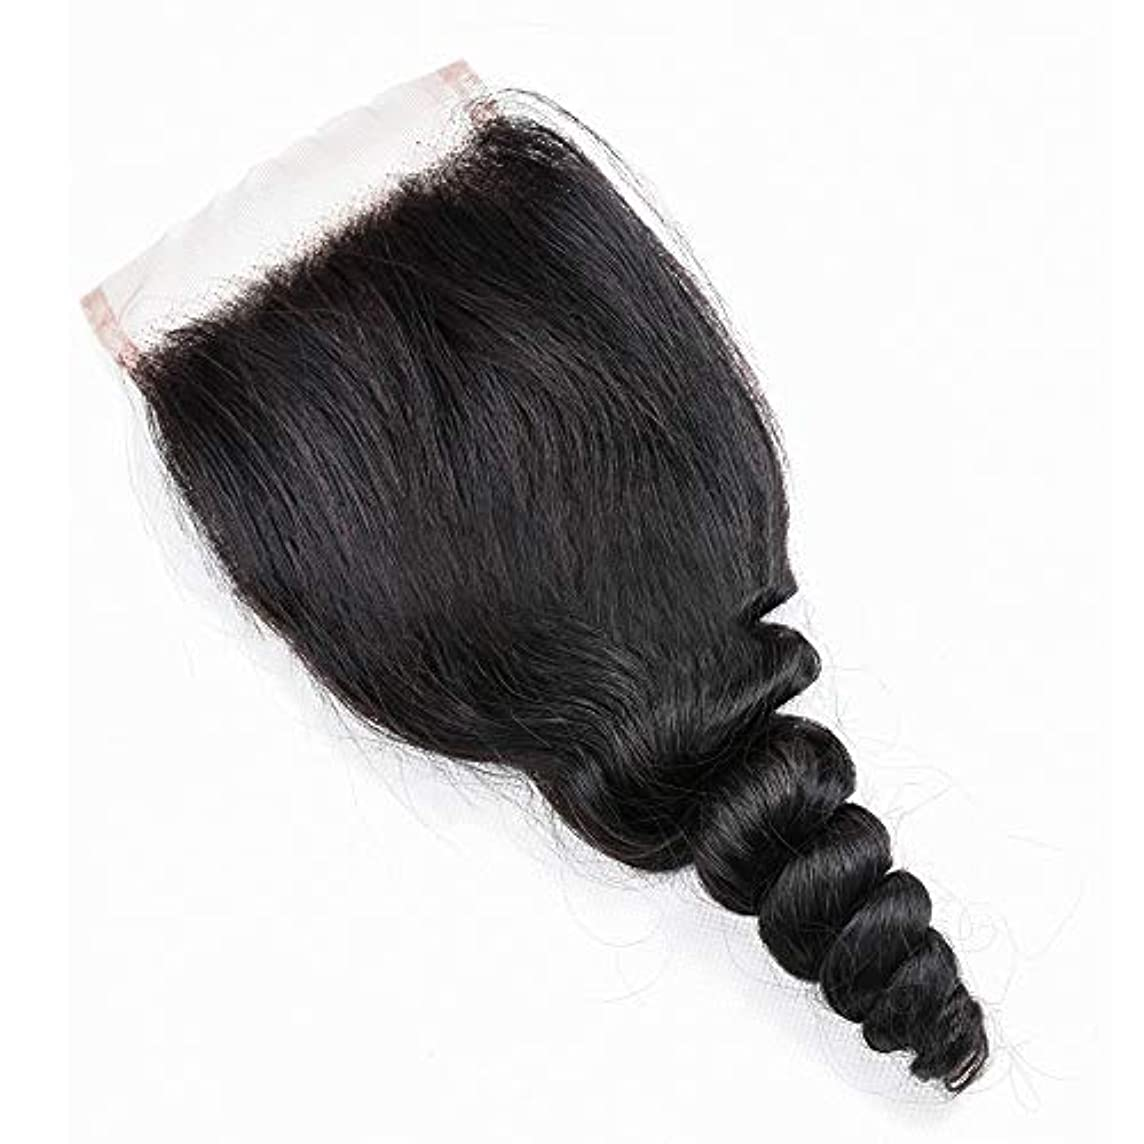 交換可能エスカレート分離するWASAIO レース閉鎖緩い波ブラジルバージン人間の髪の毛 (色 : 黒, サイズ : 14 inch)